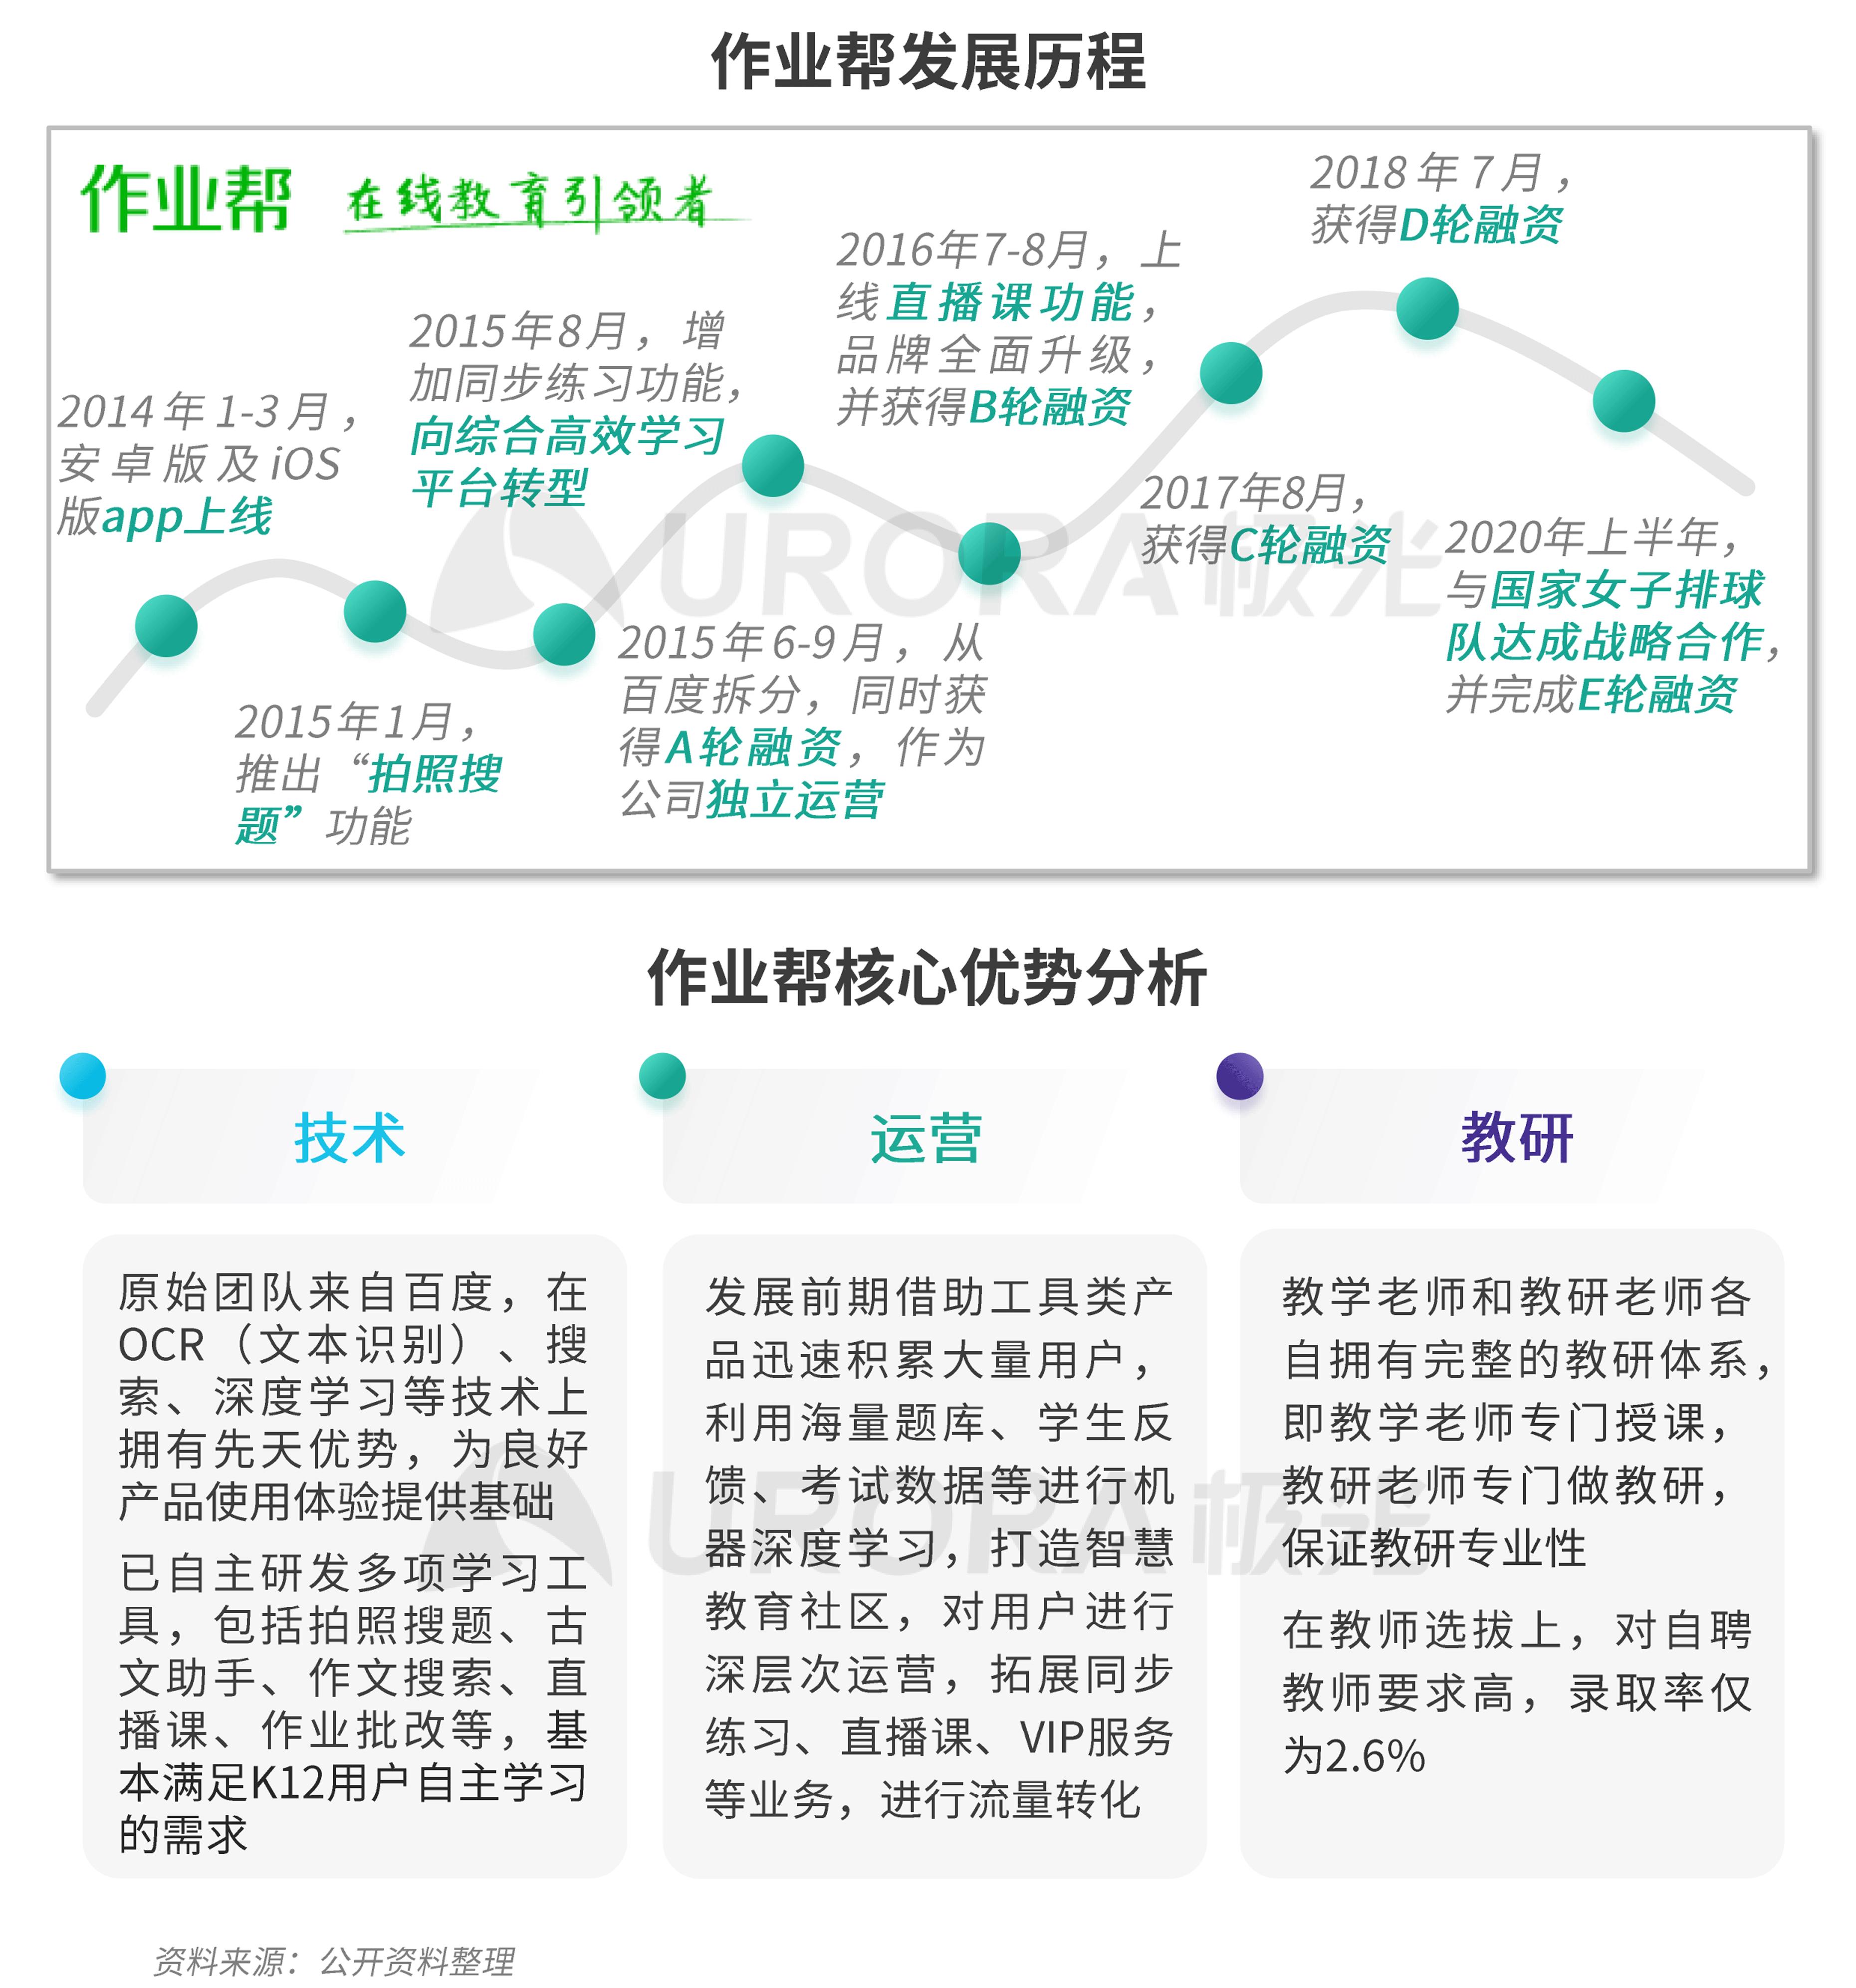 极光:K12教育报告 (13).png